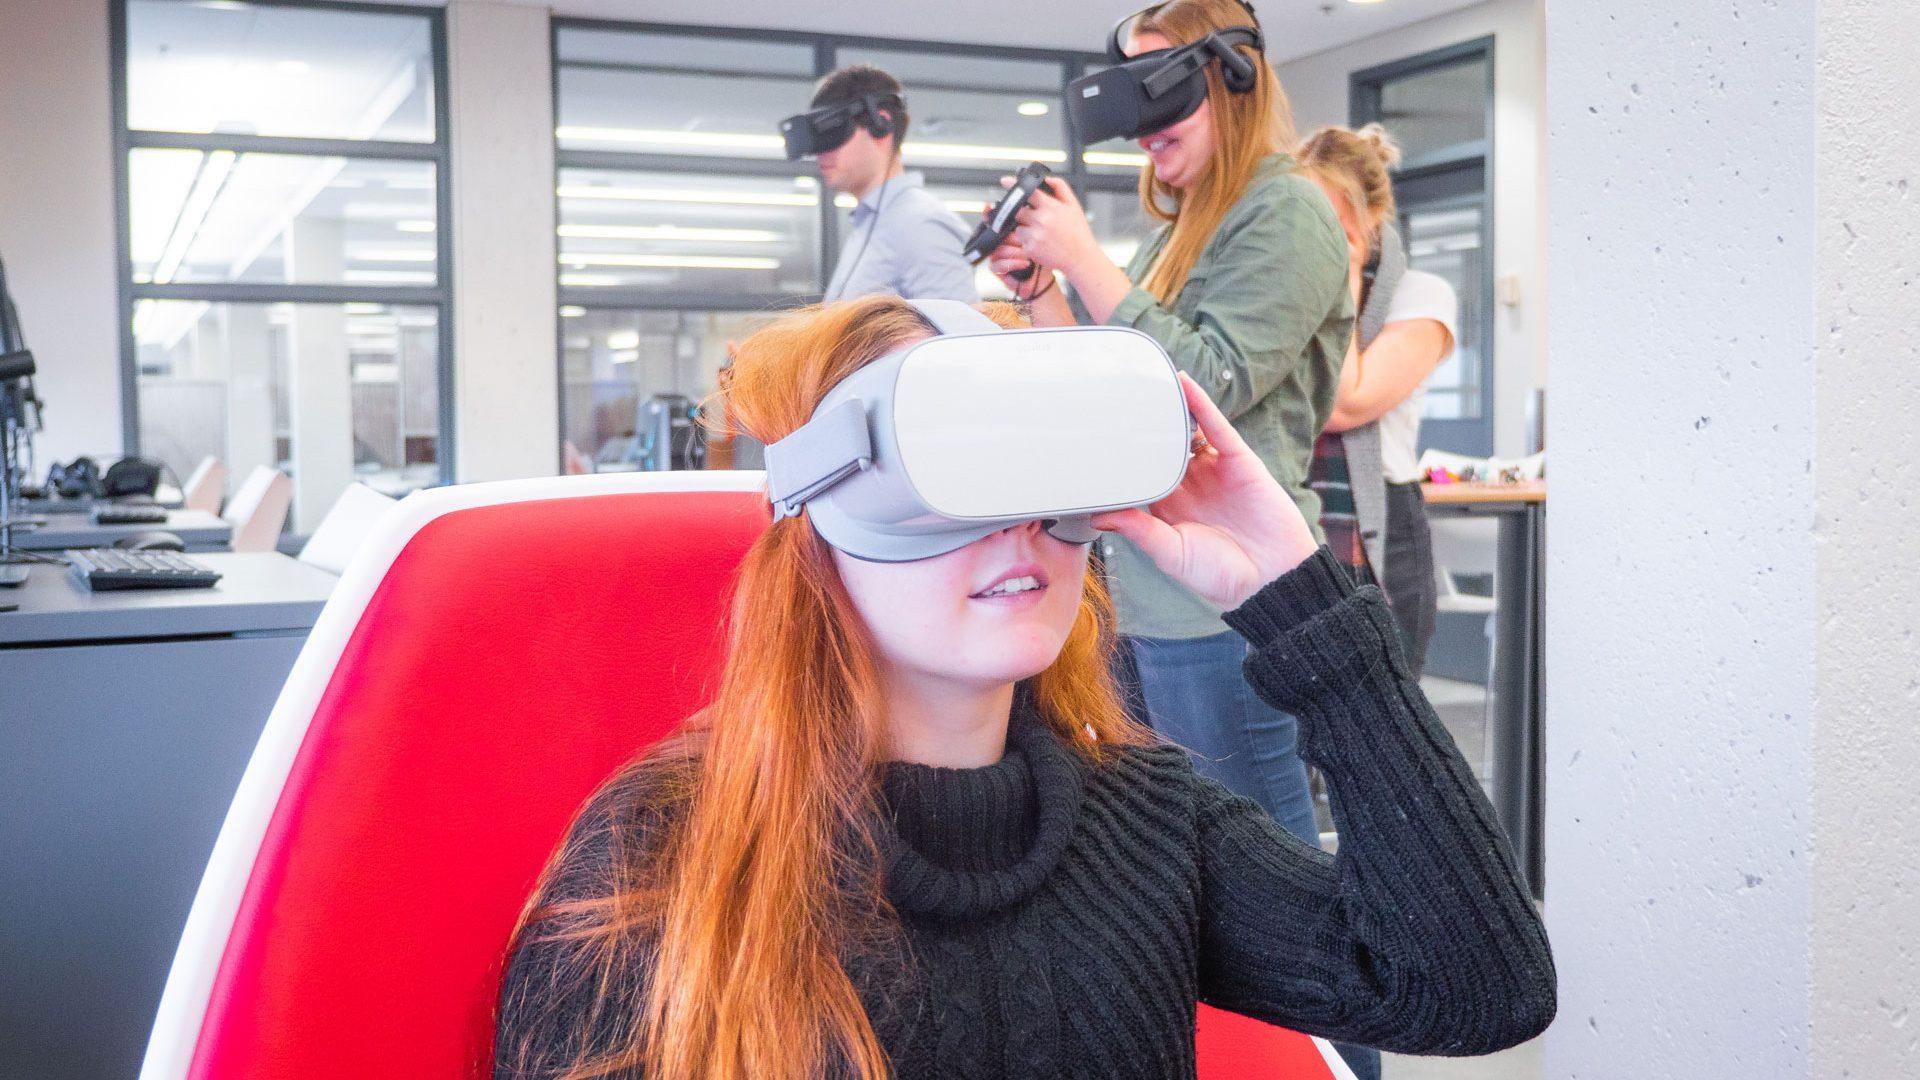 Les casques de réalité virtuelle font vivre des expériences immersives et enrichissantes